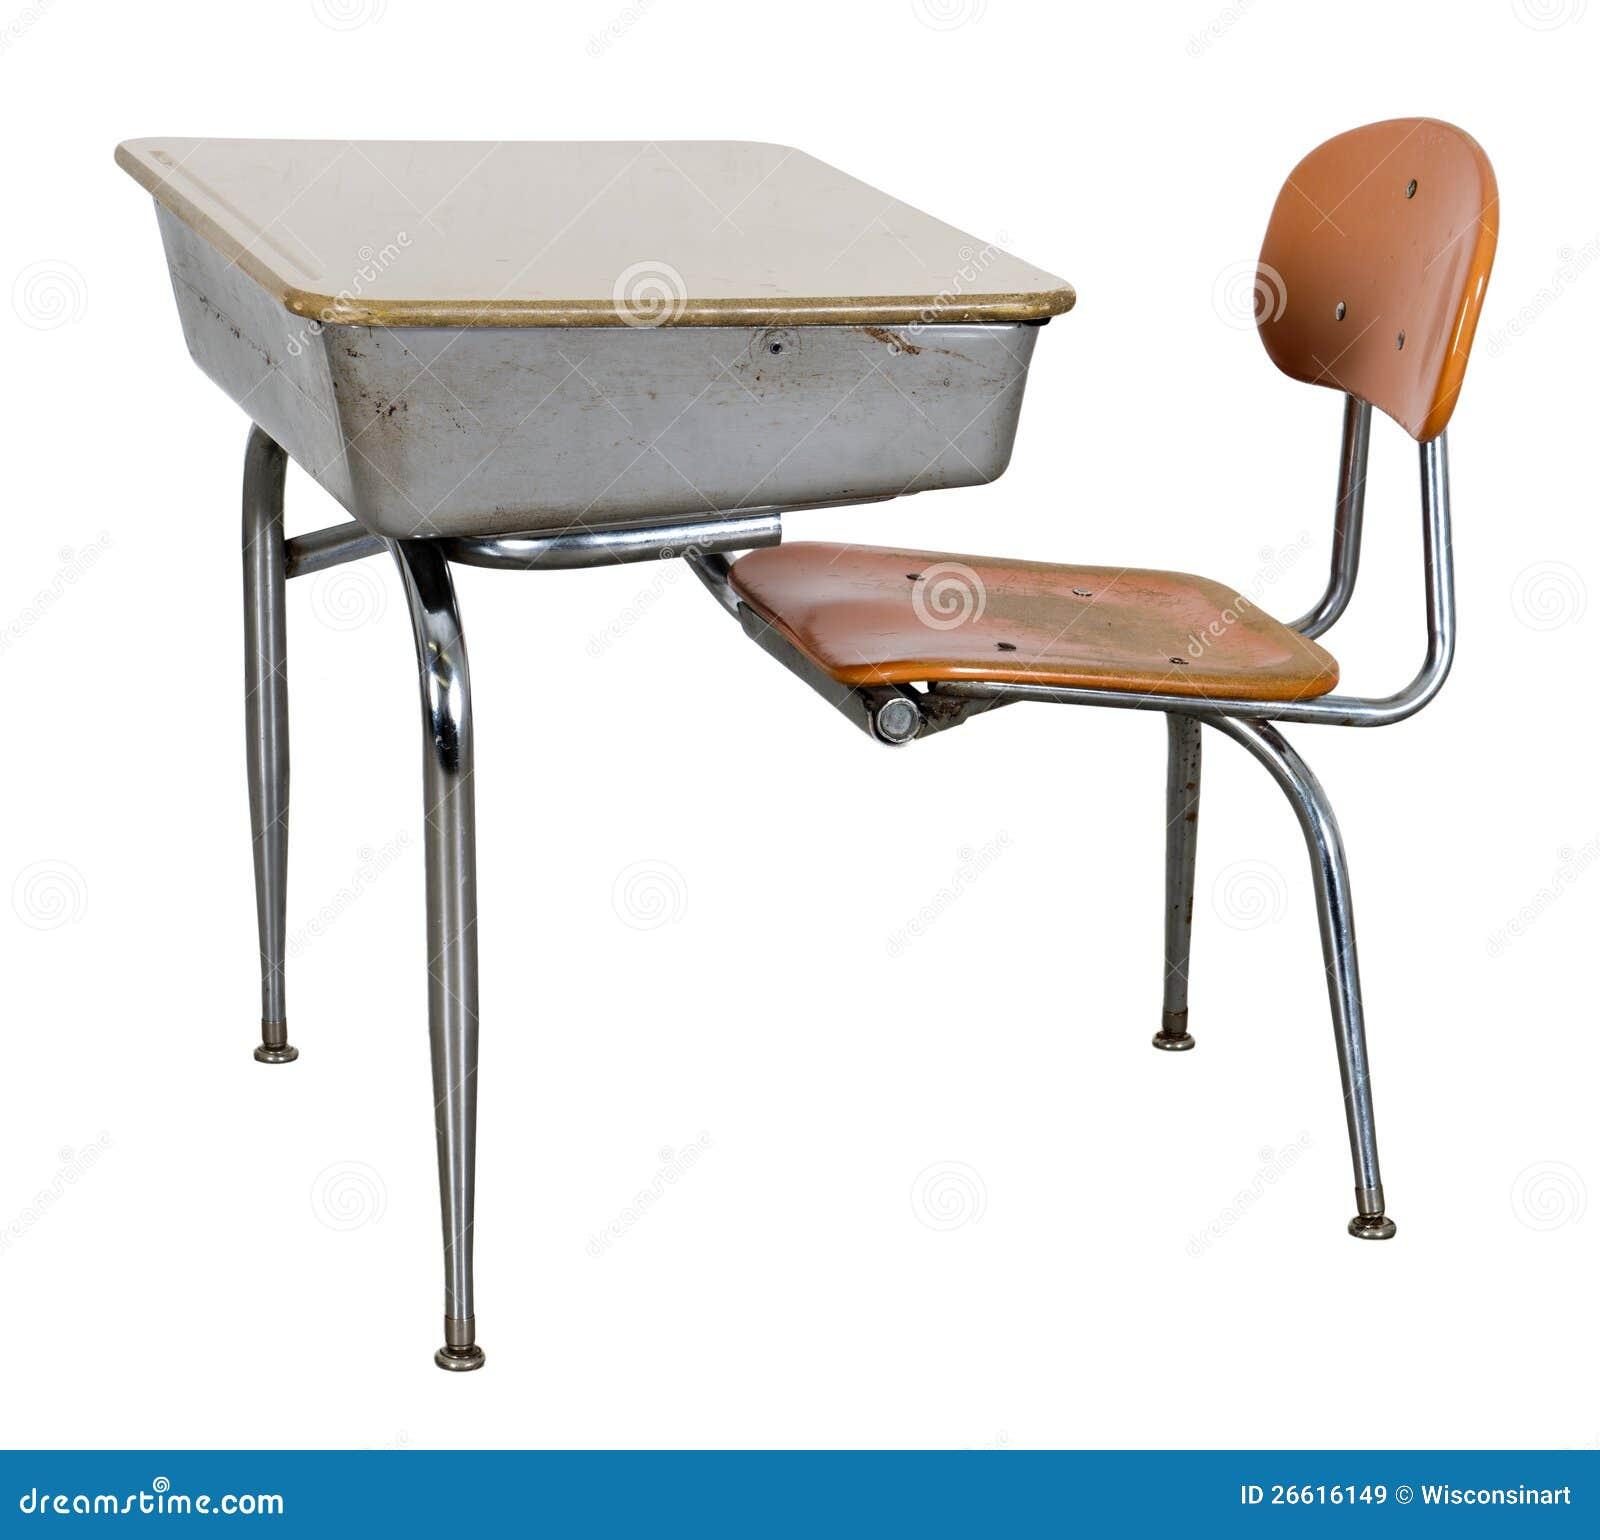 Alter Retro Schule Schreibtisch Getrennt Auf Weiß Stockbild Bild